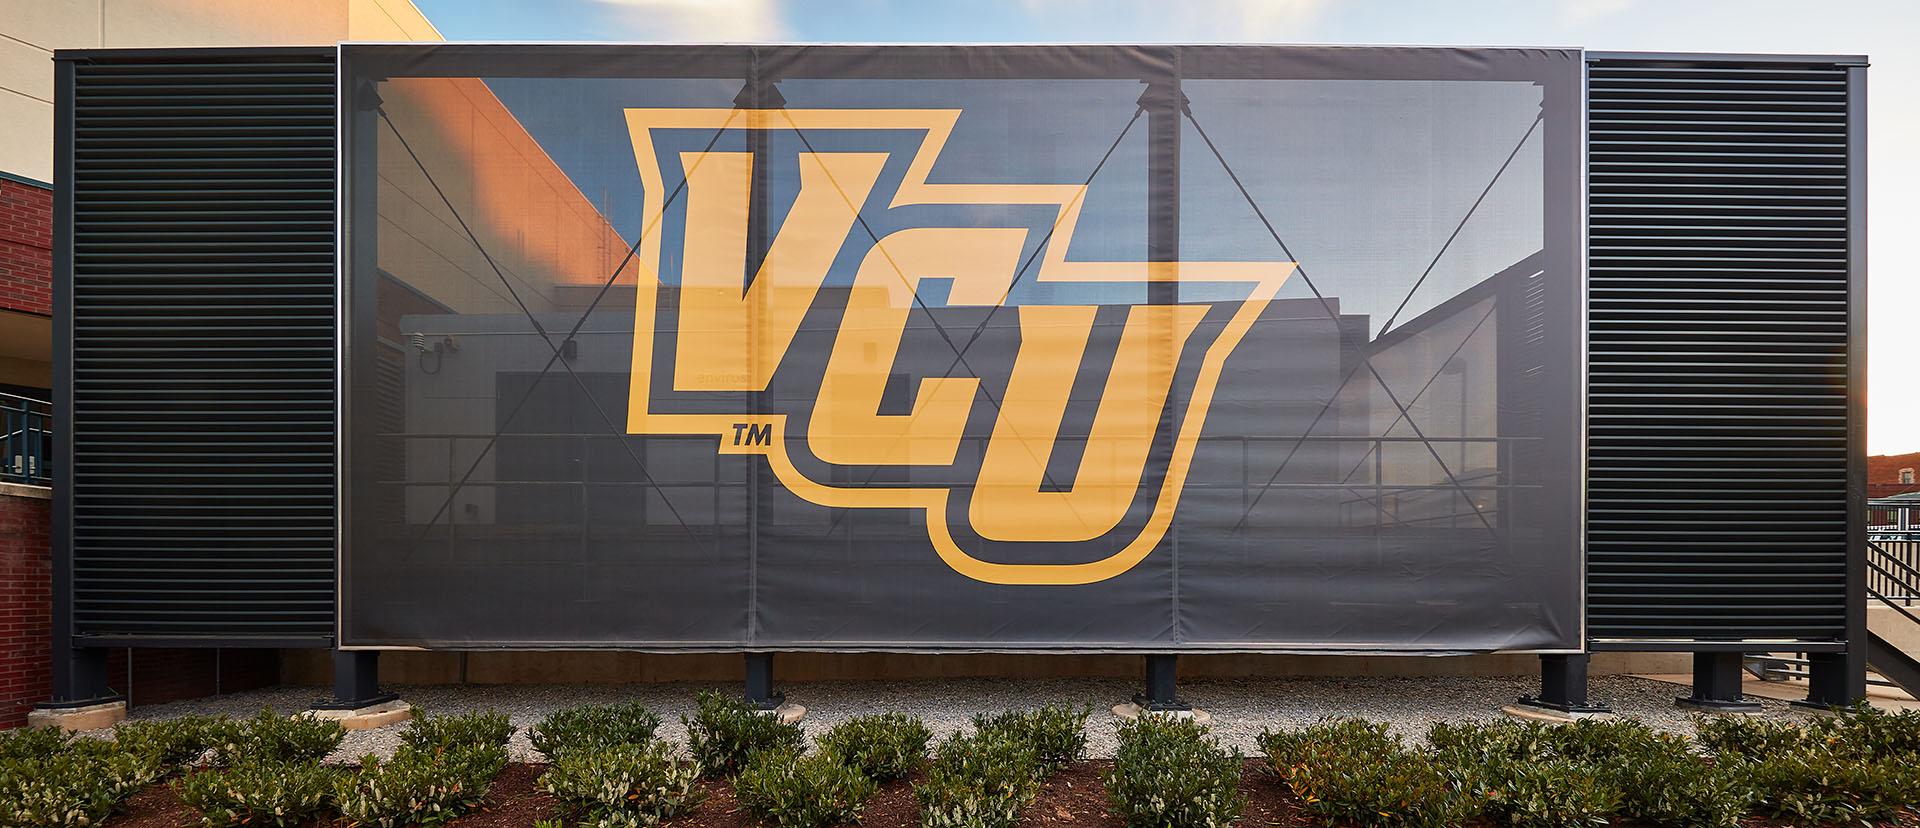 VCU-Siegel-Center-Screen-3